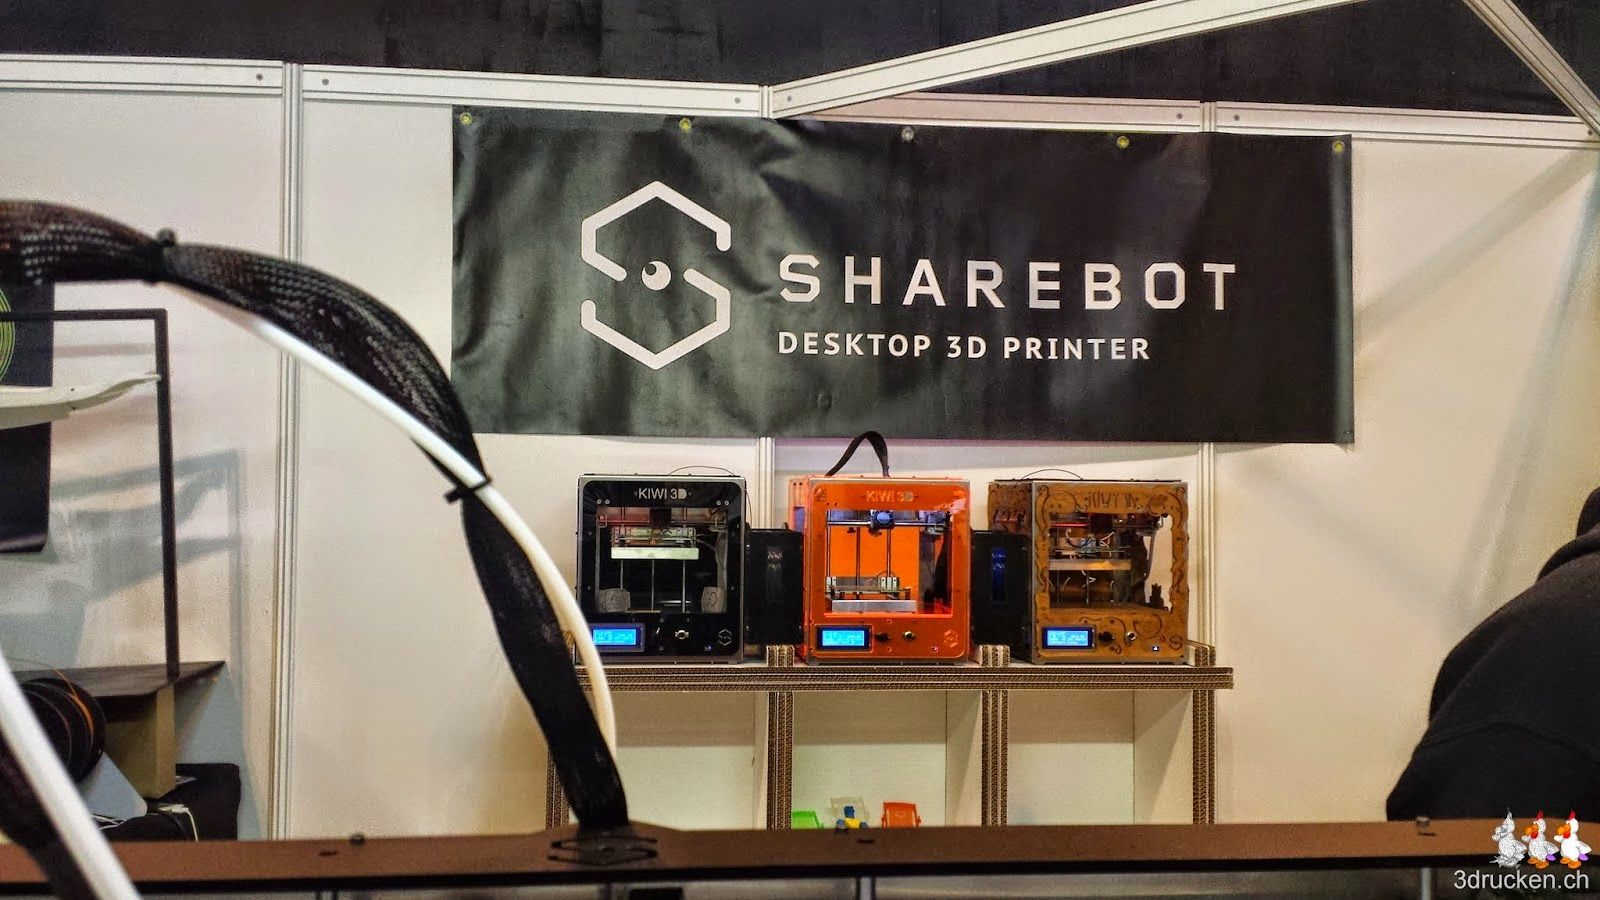 Foto von drei Sharebot Kiwis auf dem Stand von Sharebot an der TCT Show 2014 in Birmingham